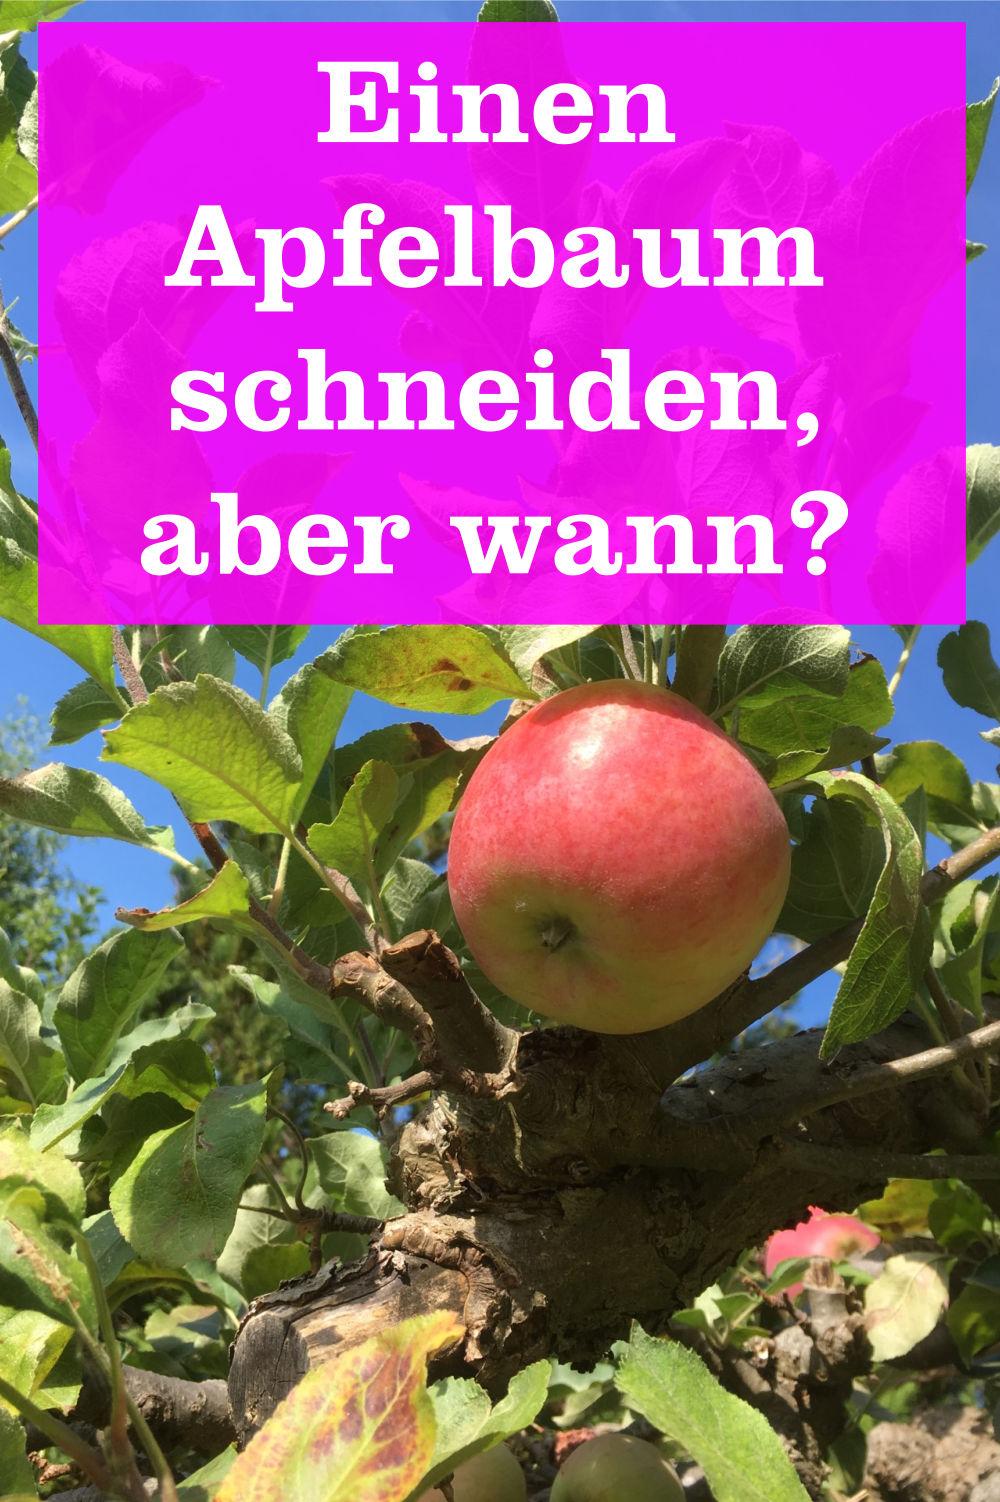 Apfelbaum wann schneiden